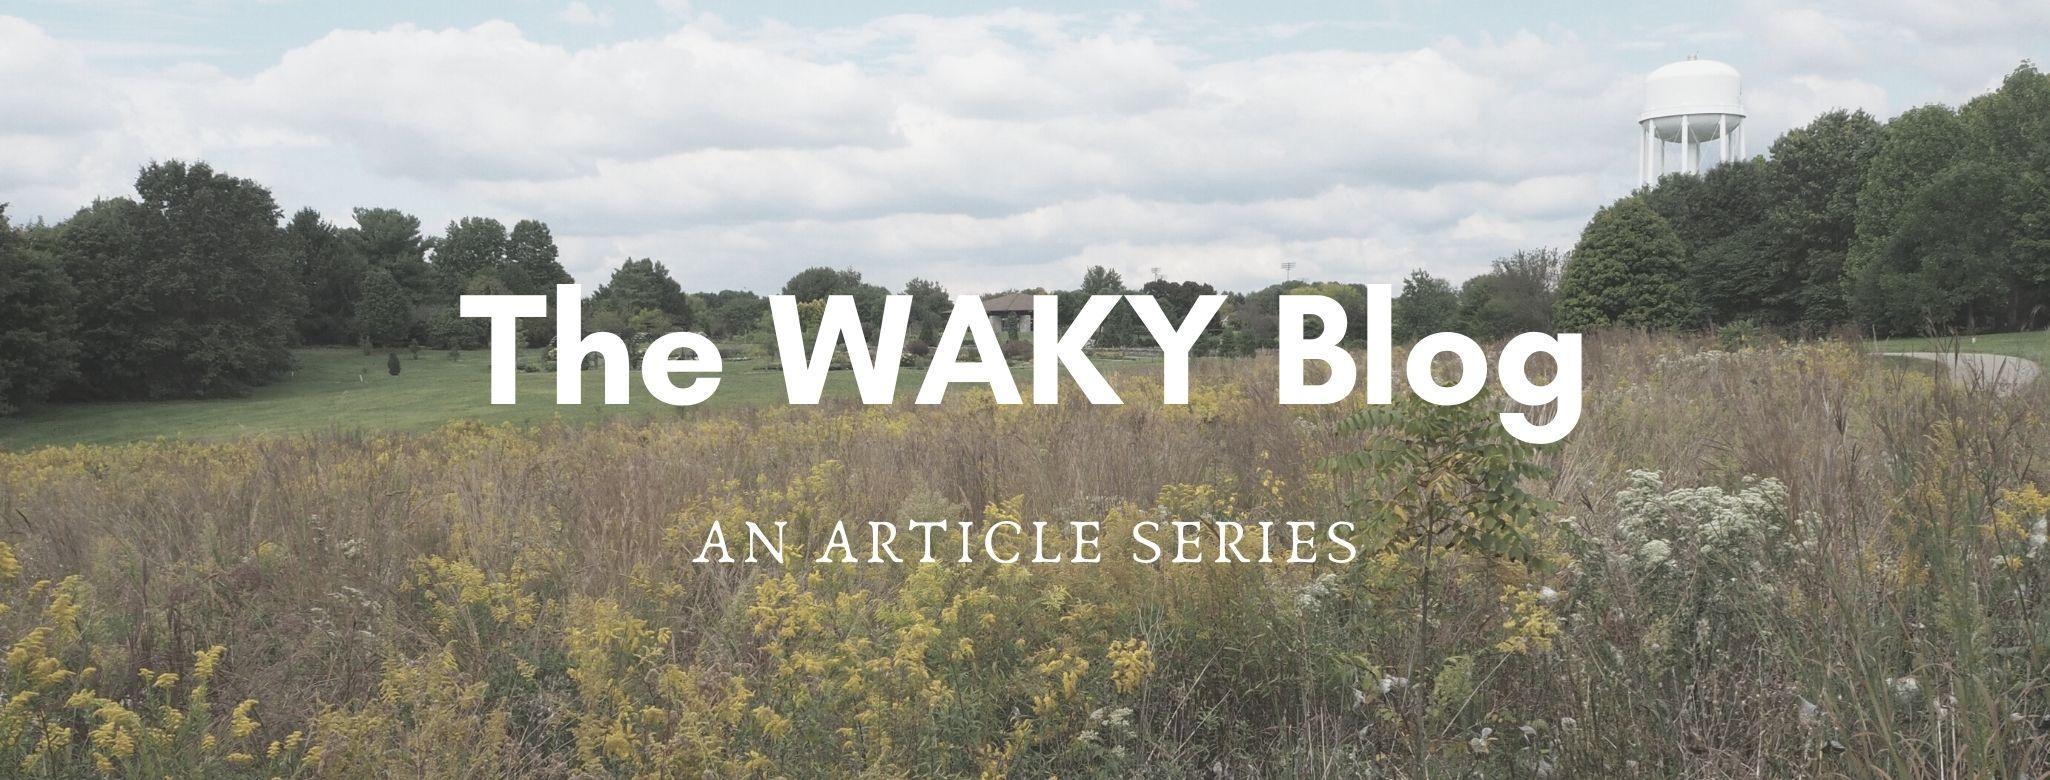 The WAKY Blog